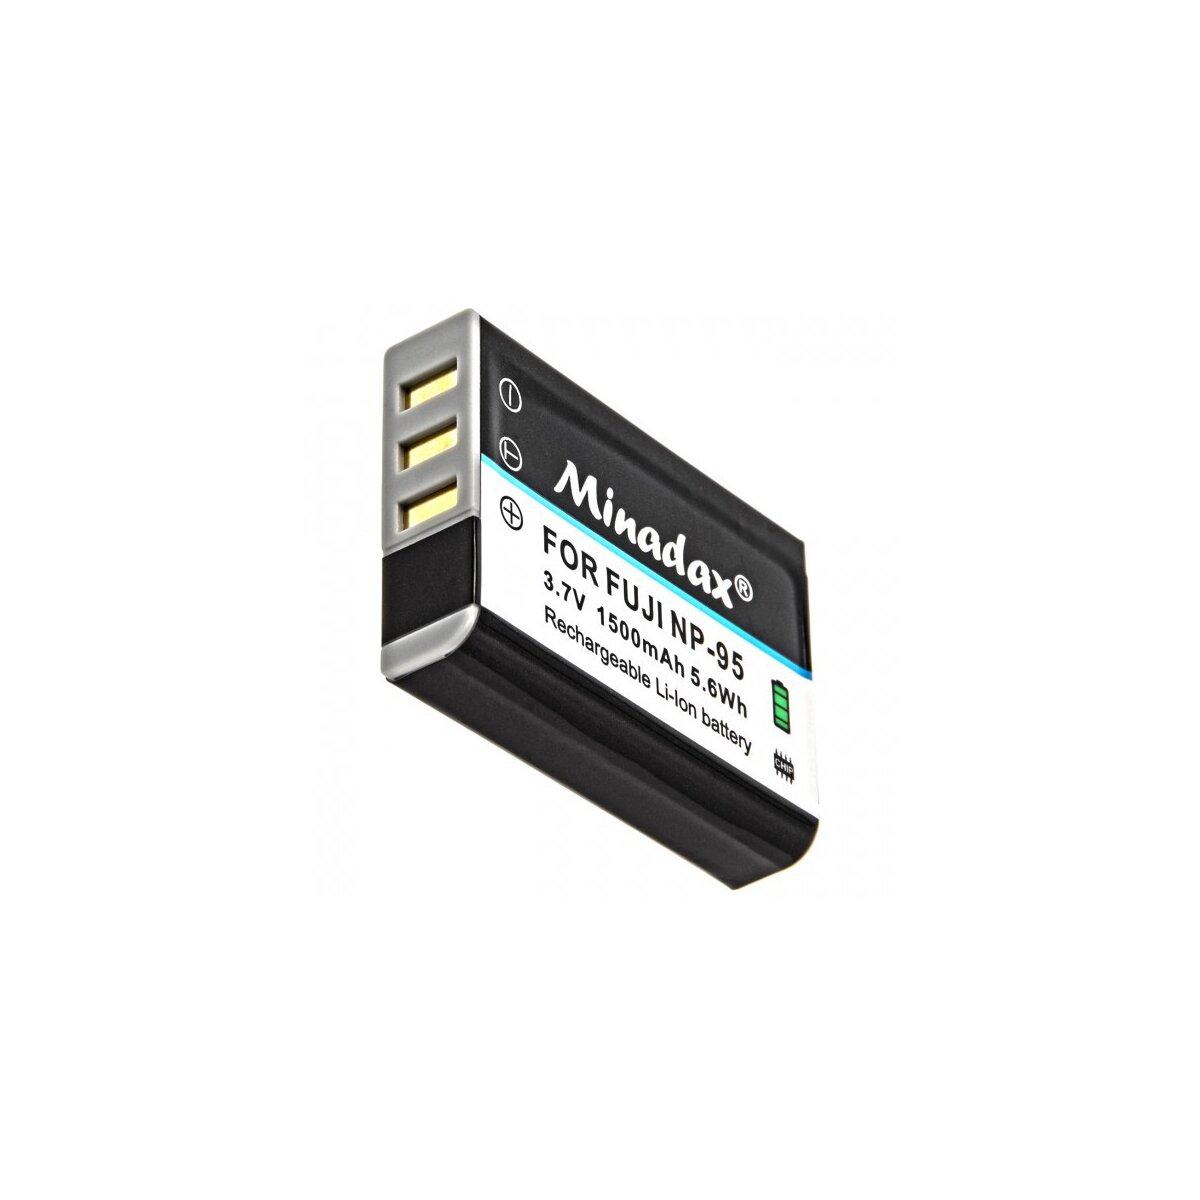 Minadax Qualitätsakku mit echten 1500 mAh kompatibel für FujiFilm Fuji Finepix X100S, X100, F30, X-S1, F31fd, Real 3D W1, BC-65, Ersatz für NP-95 - Intelligentes Akkusystem mit Chip